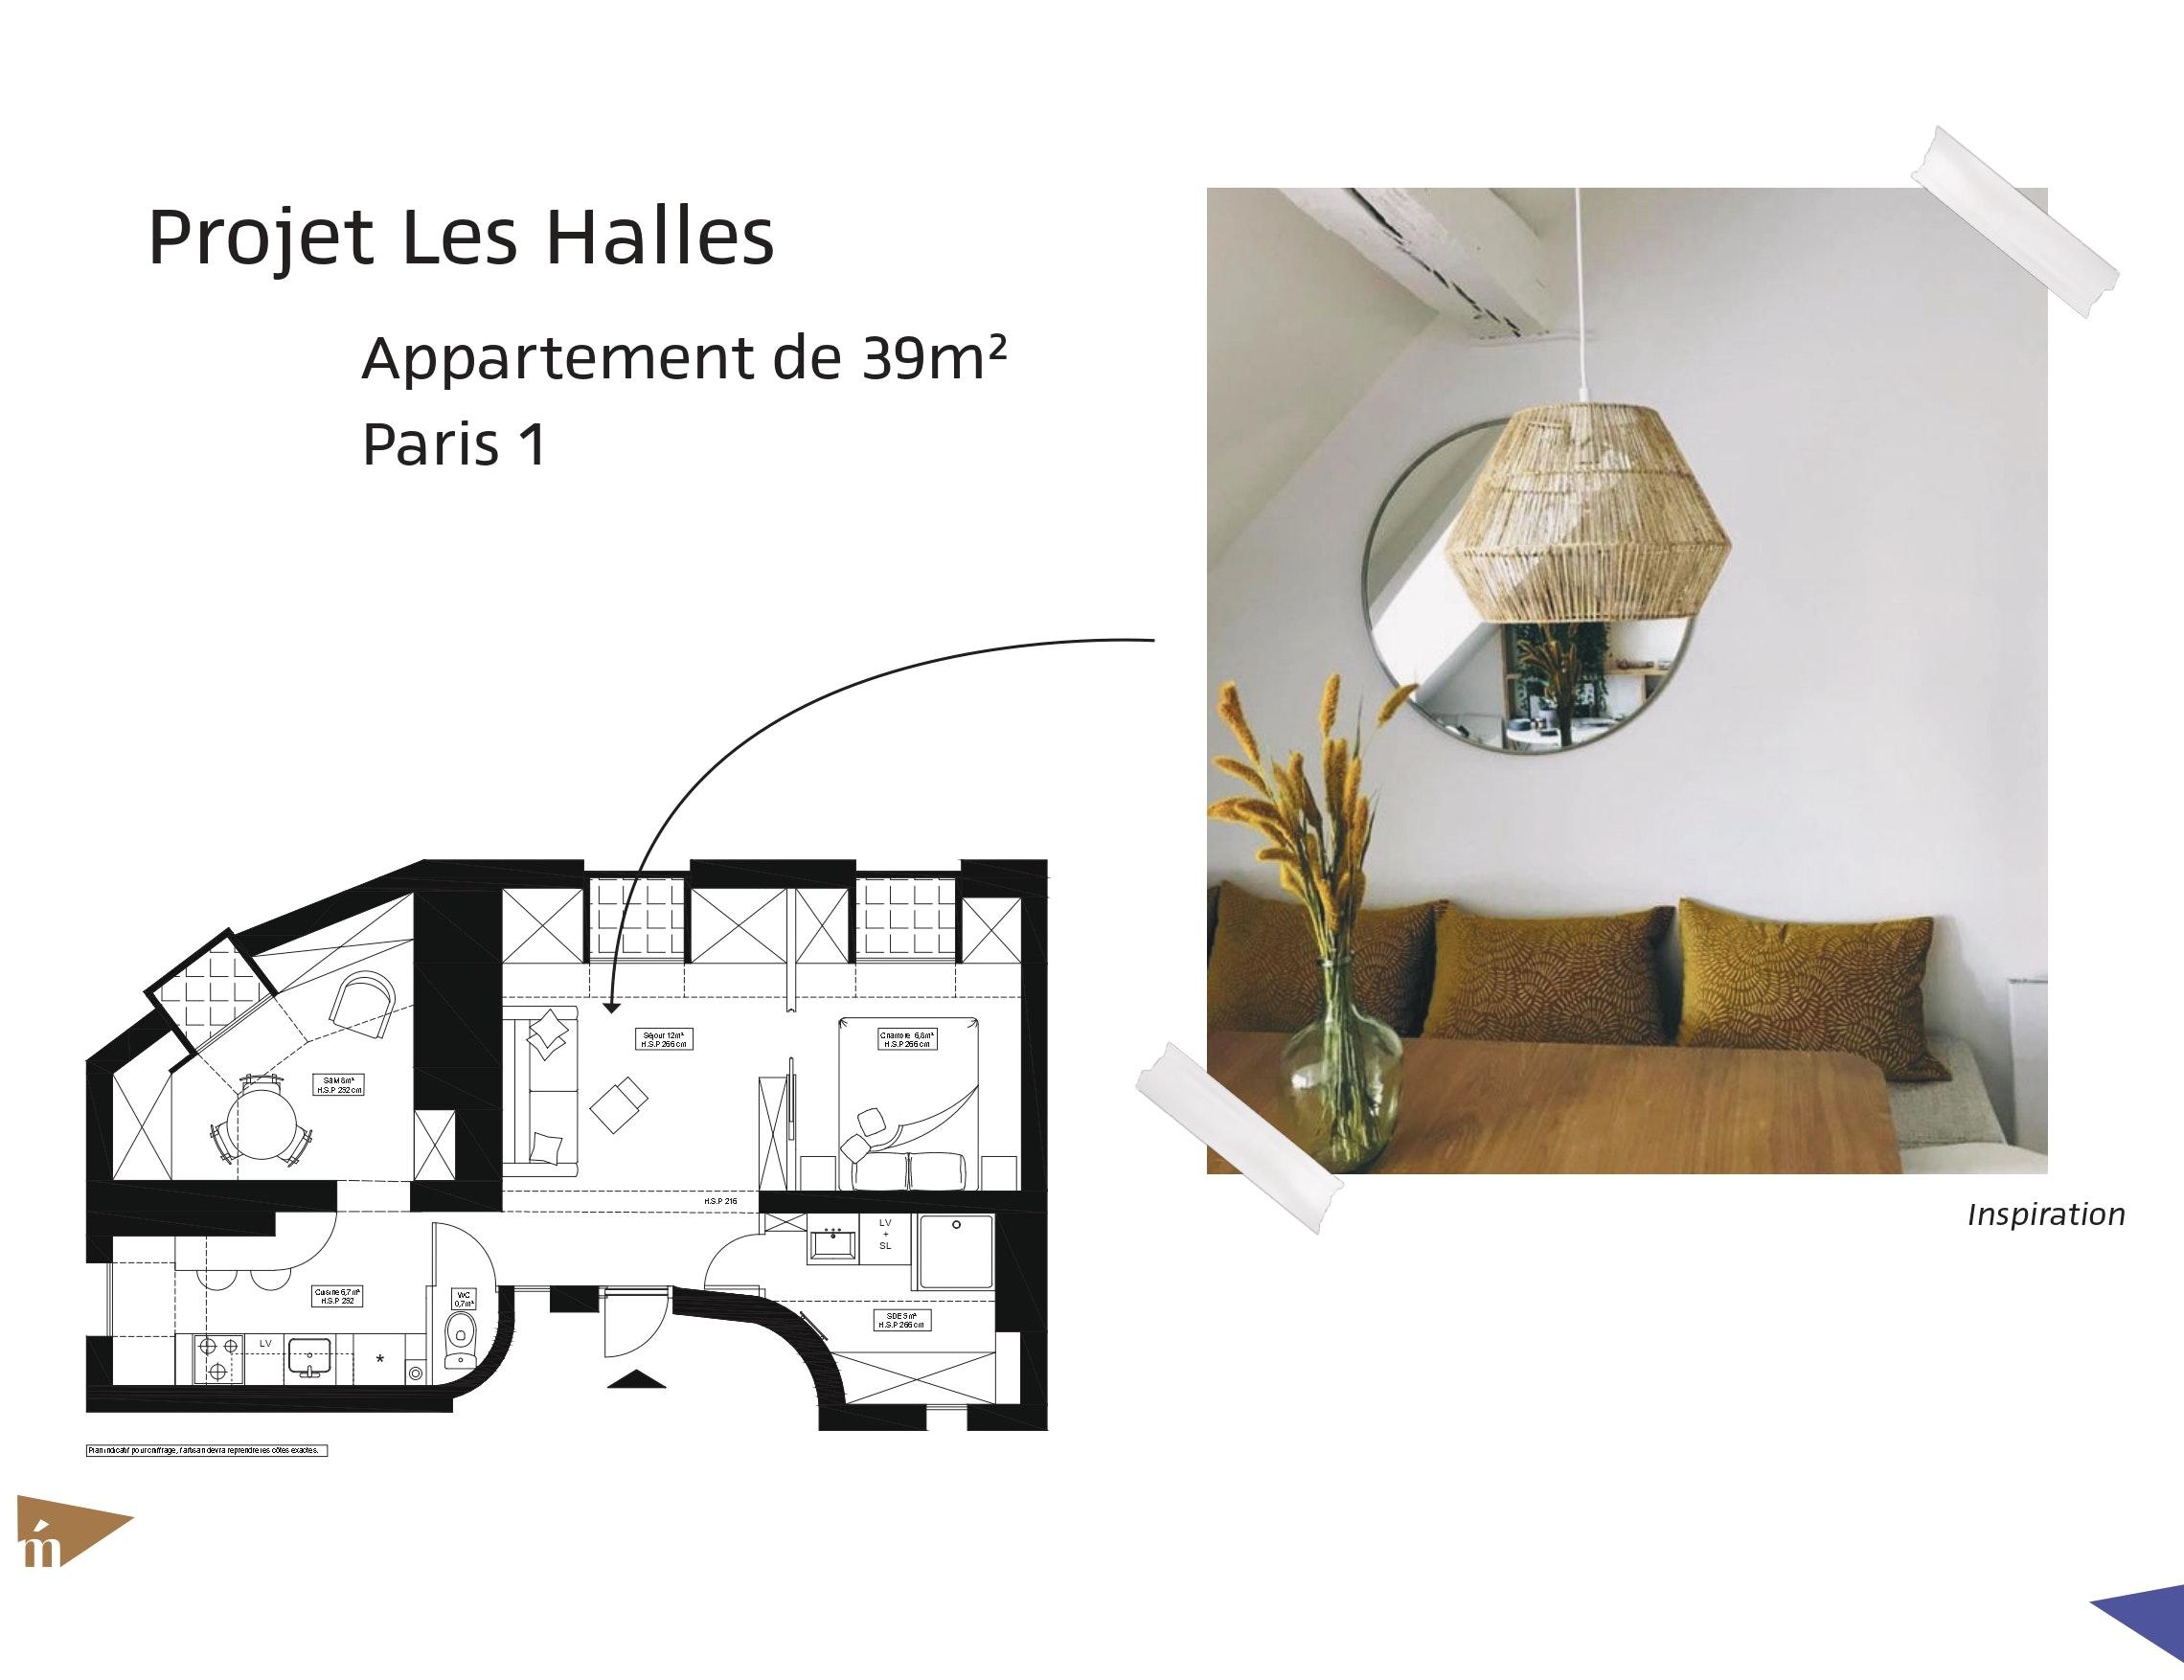 photo Projet les Halles - 39 m² - Paris 1 Léa Mast - Architecte hemea